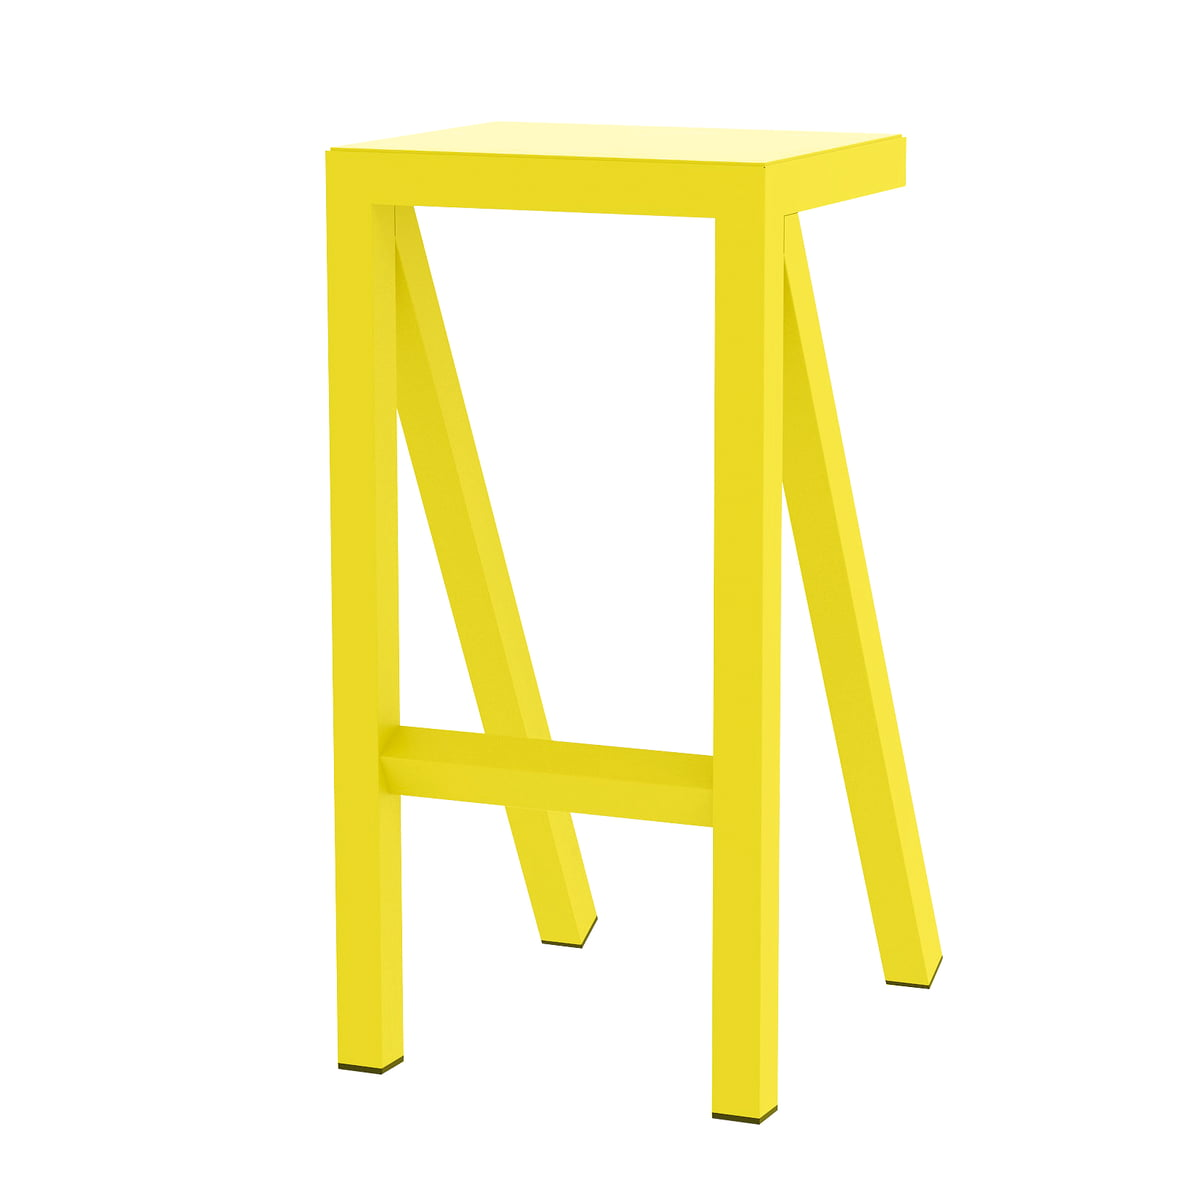 Magis - Bureaurama Küchen-Hocker H 62 cm, gelb | Küche und Esszimmer > Stühle und Hocker > Küchenhocker | Magis